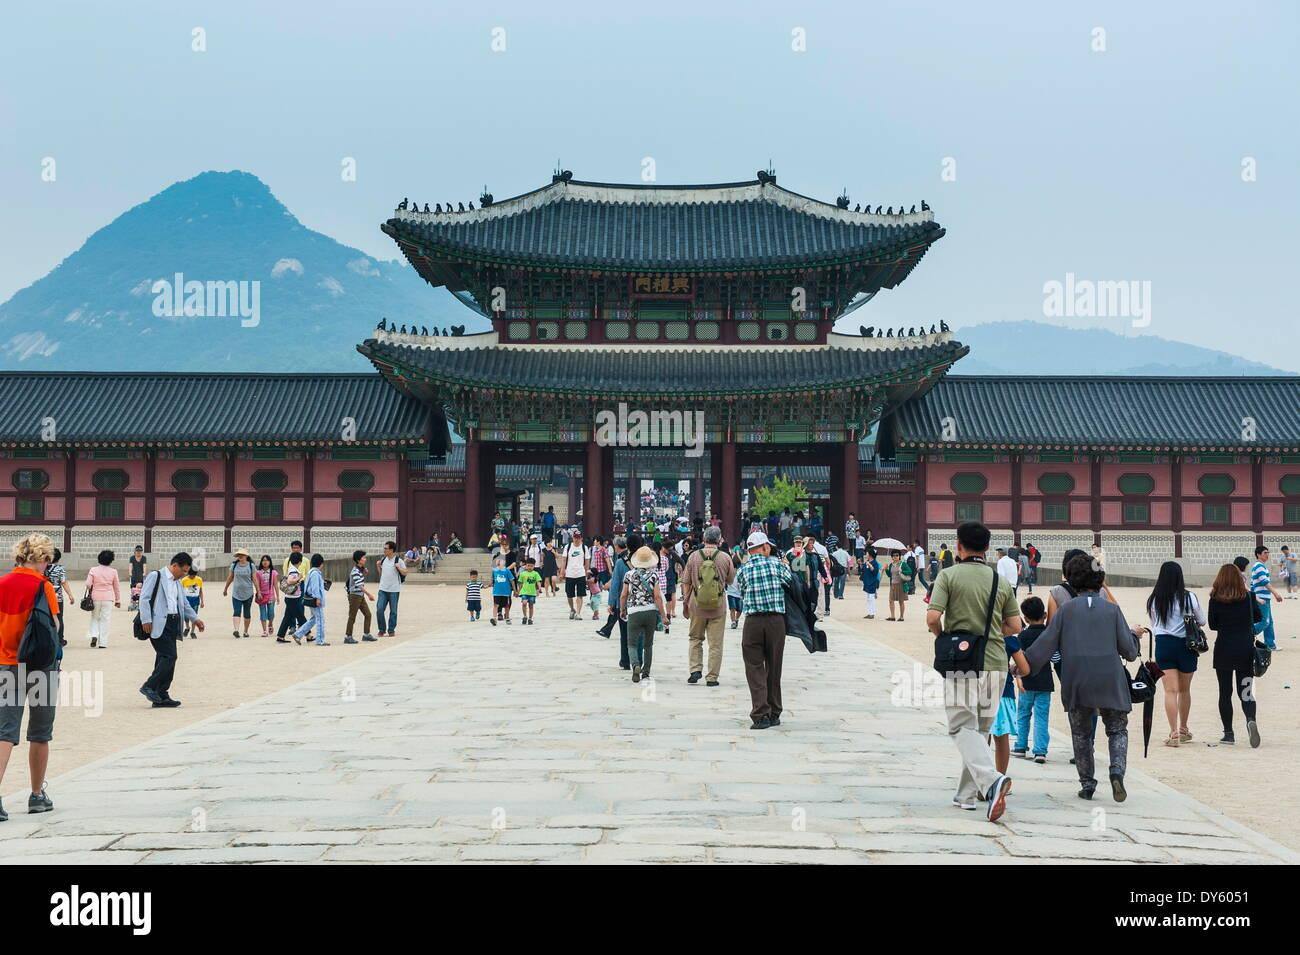 Los turistas andando al Palacio Gyeongbokgung, Seúl, Corea del Sur, Asia Imagen De Stock